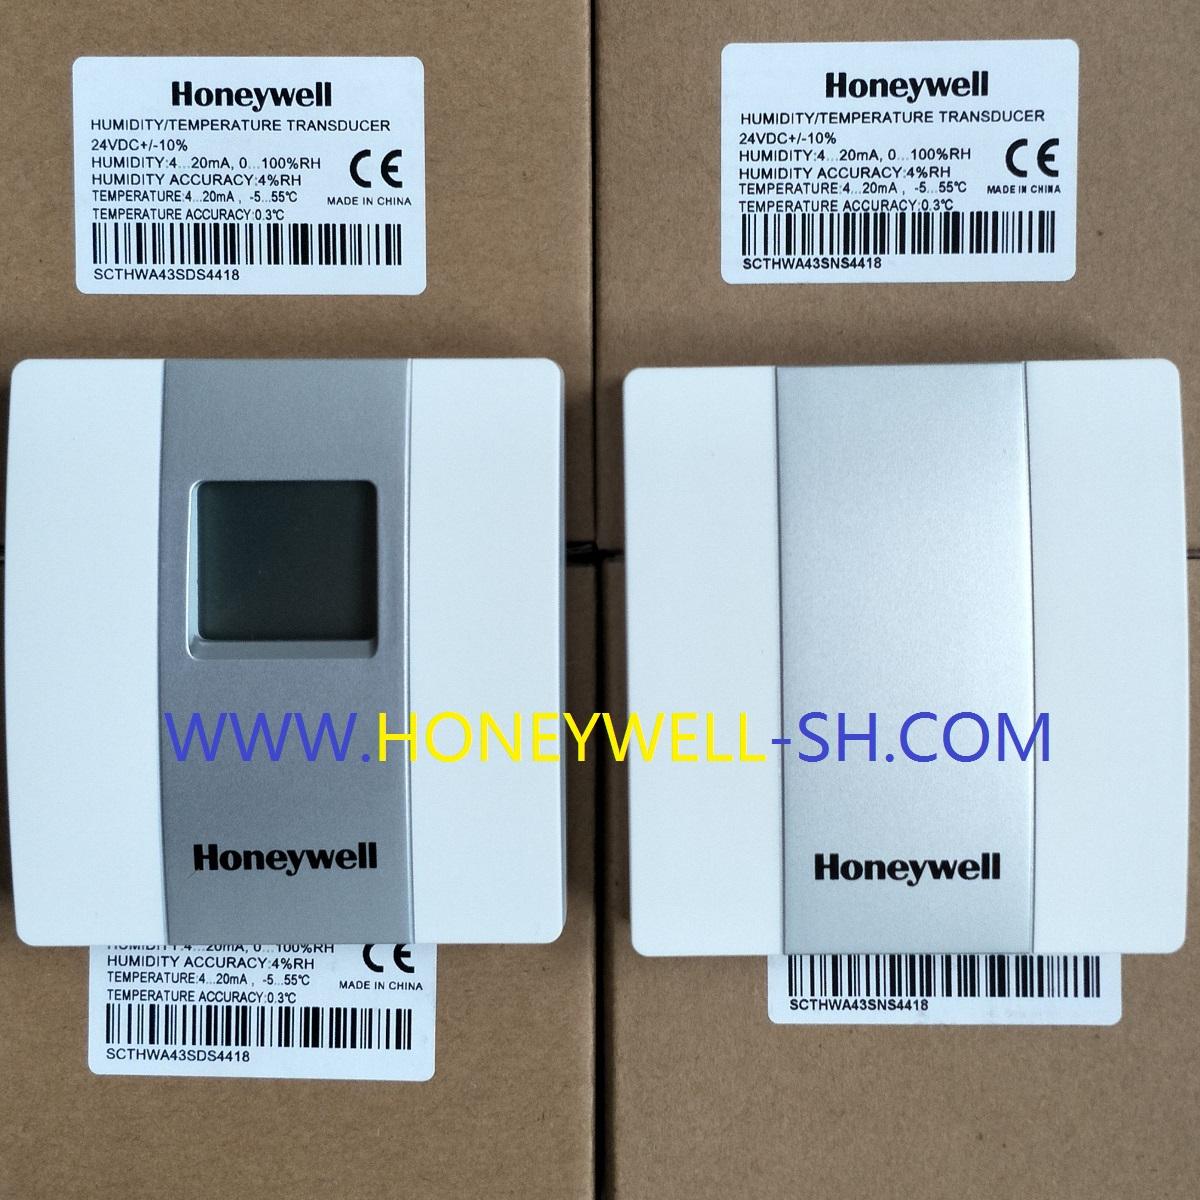 溫濕度傳感器價格品牌型號分類選型報價安裝使用方法資料表匯總